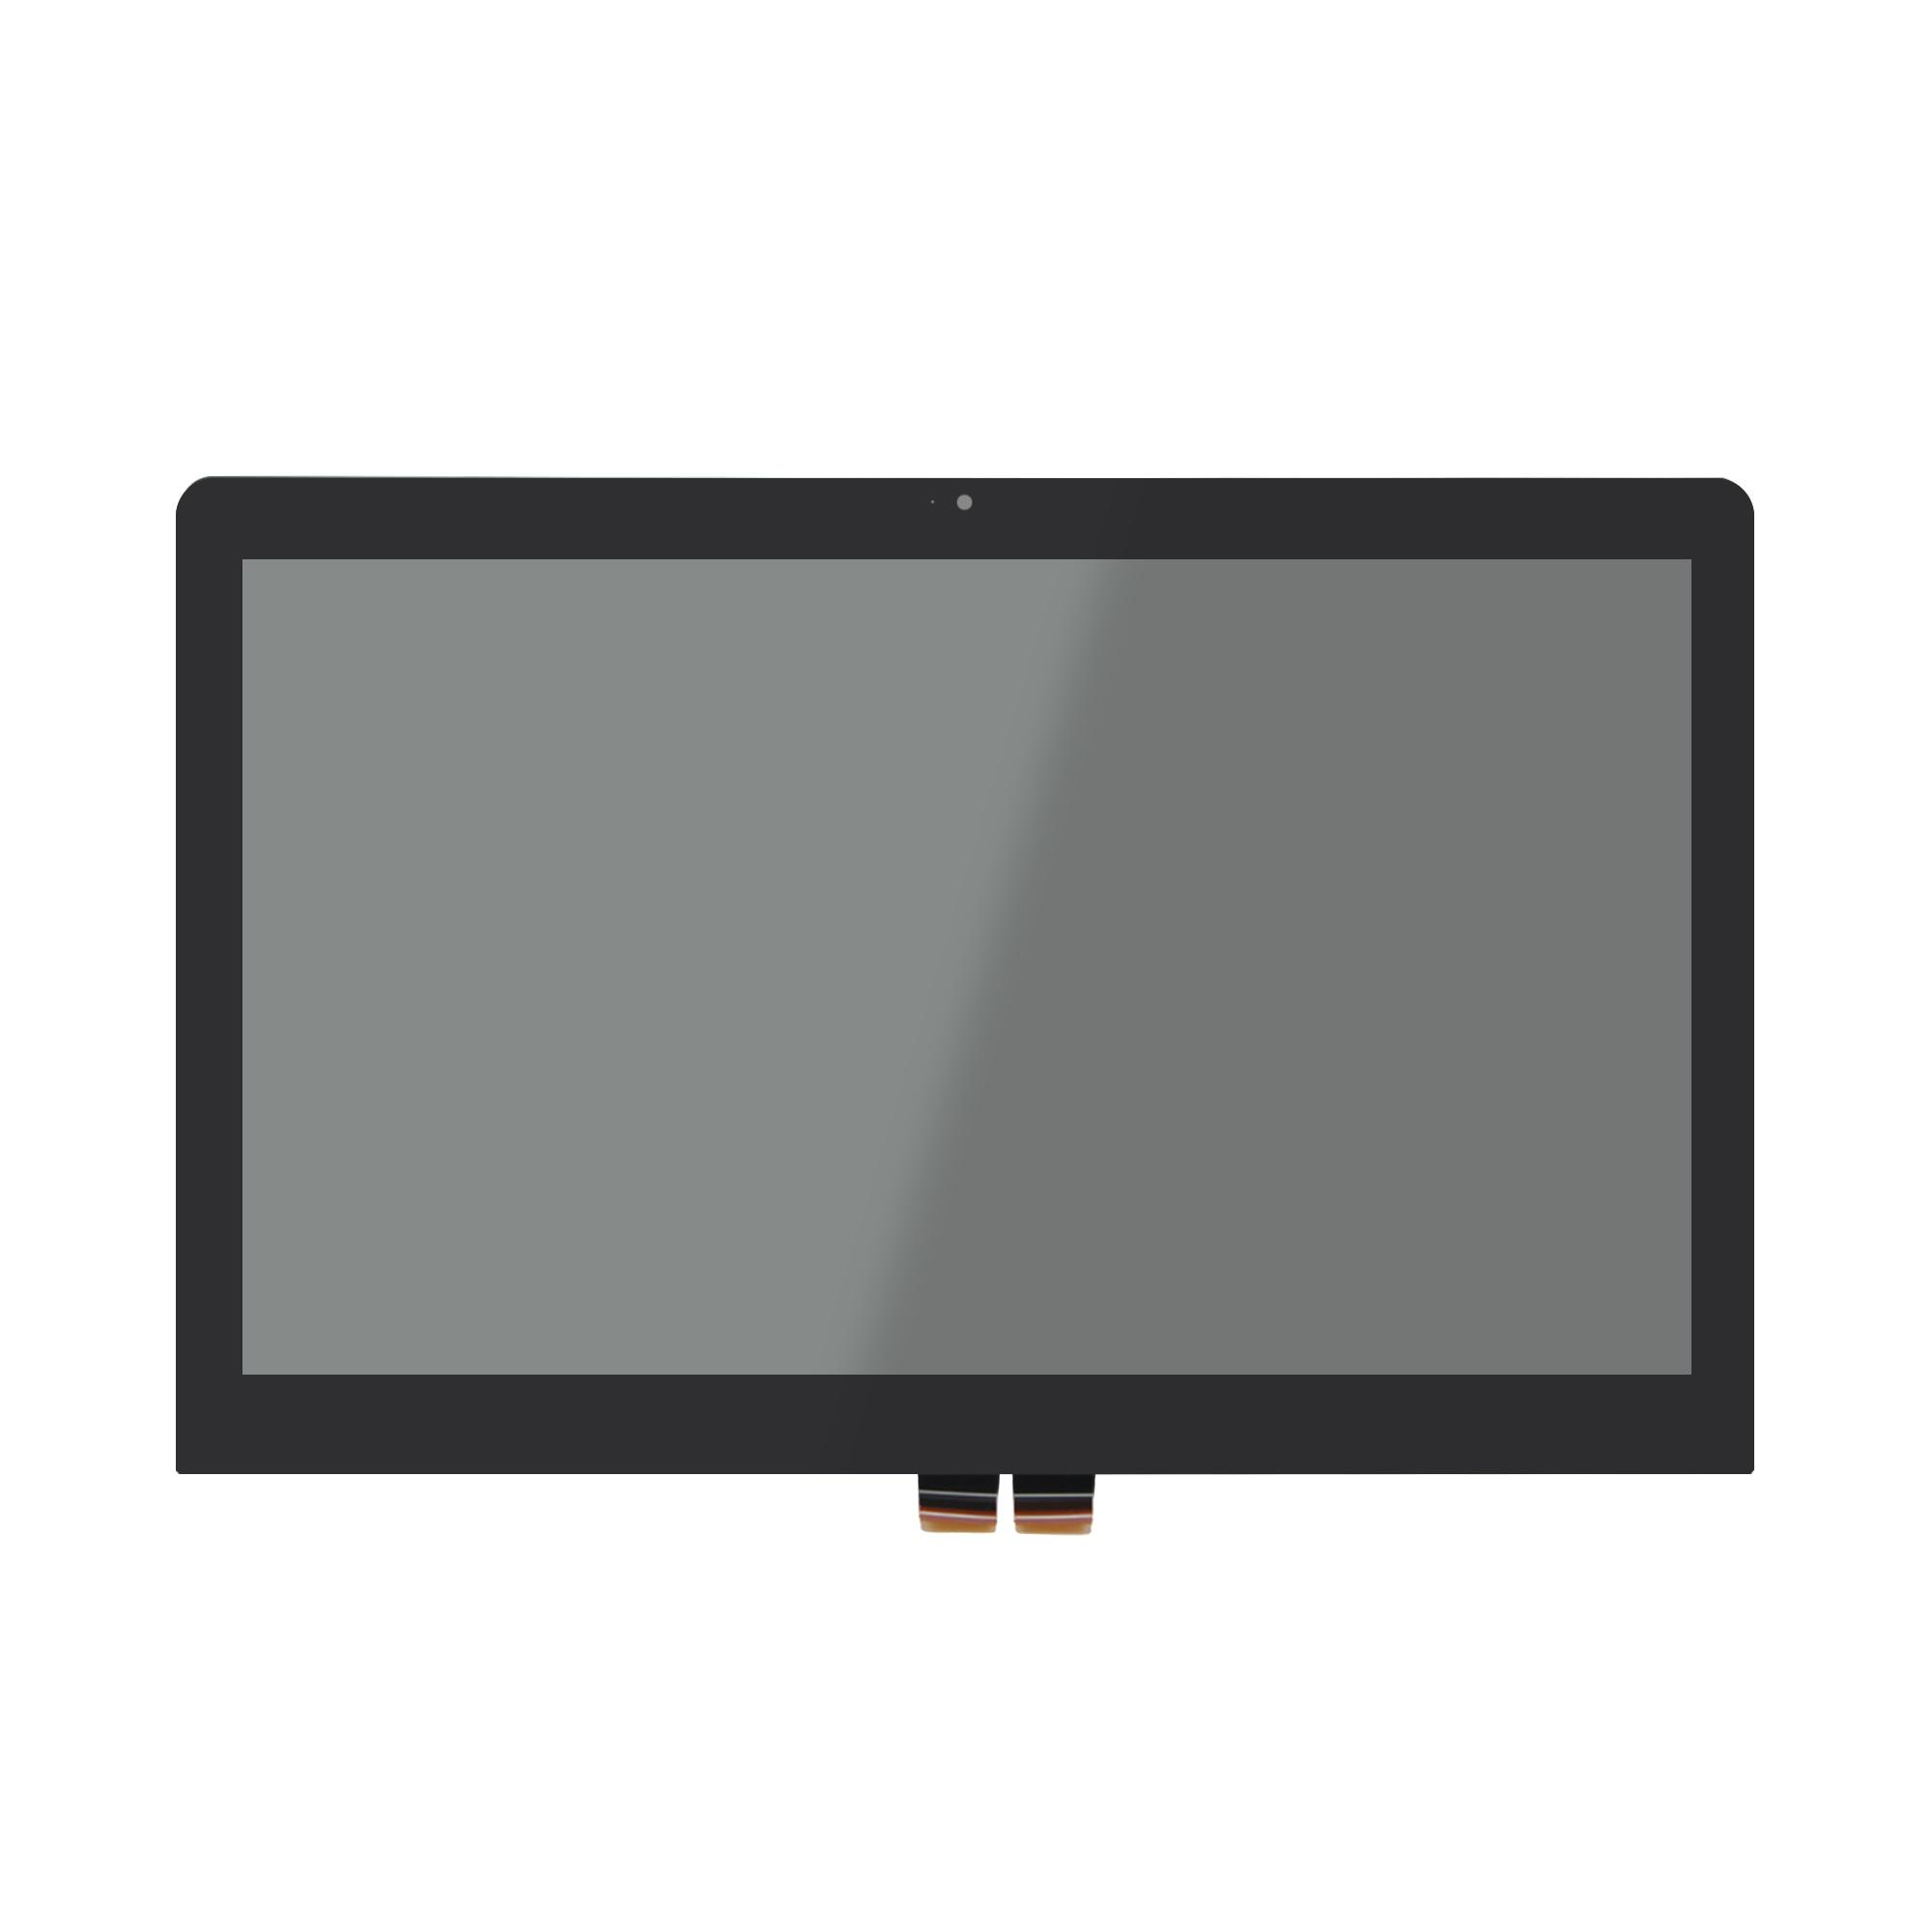 15.6 LED LCD TouchScreen Assembly Display for Lenovo Thinkpad Yoga 15 20DQ0039IX 20DQ0039UK 20DQ003BFR 20DQ003BMB 20DQ003BMH15.6 LED LCD TouchScreen Assembly Display for Lenovo Thinkpad Yoga 15 20DQ0039IX 20DQ0039UK 20DQ003BFR 20DQ003BMB 20DQ003BMH